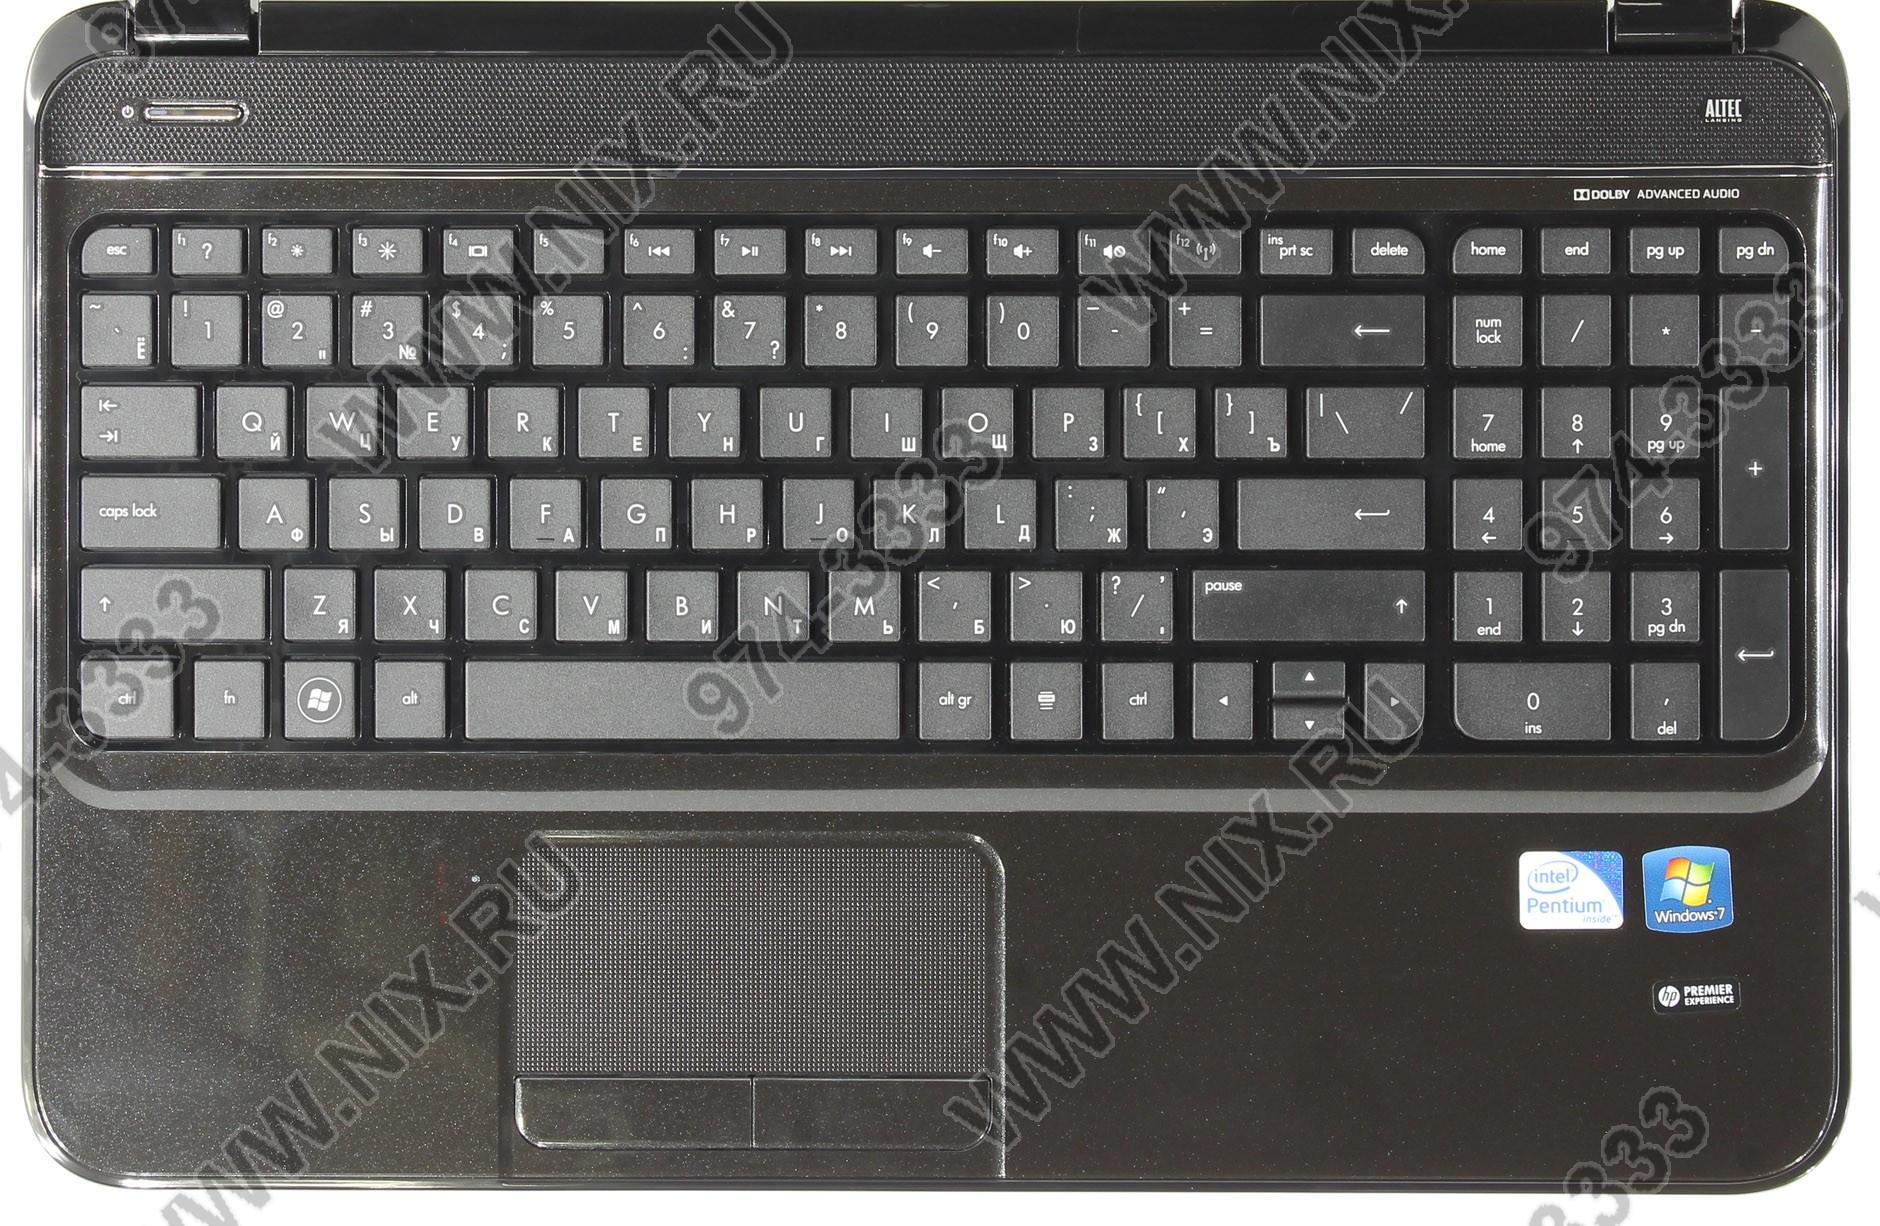 Как сделать скрин на ноутбуке hp pavilion g6